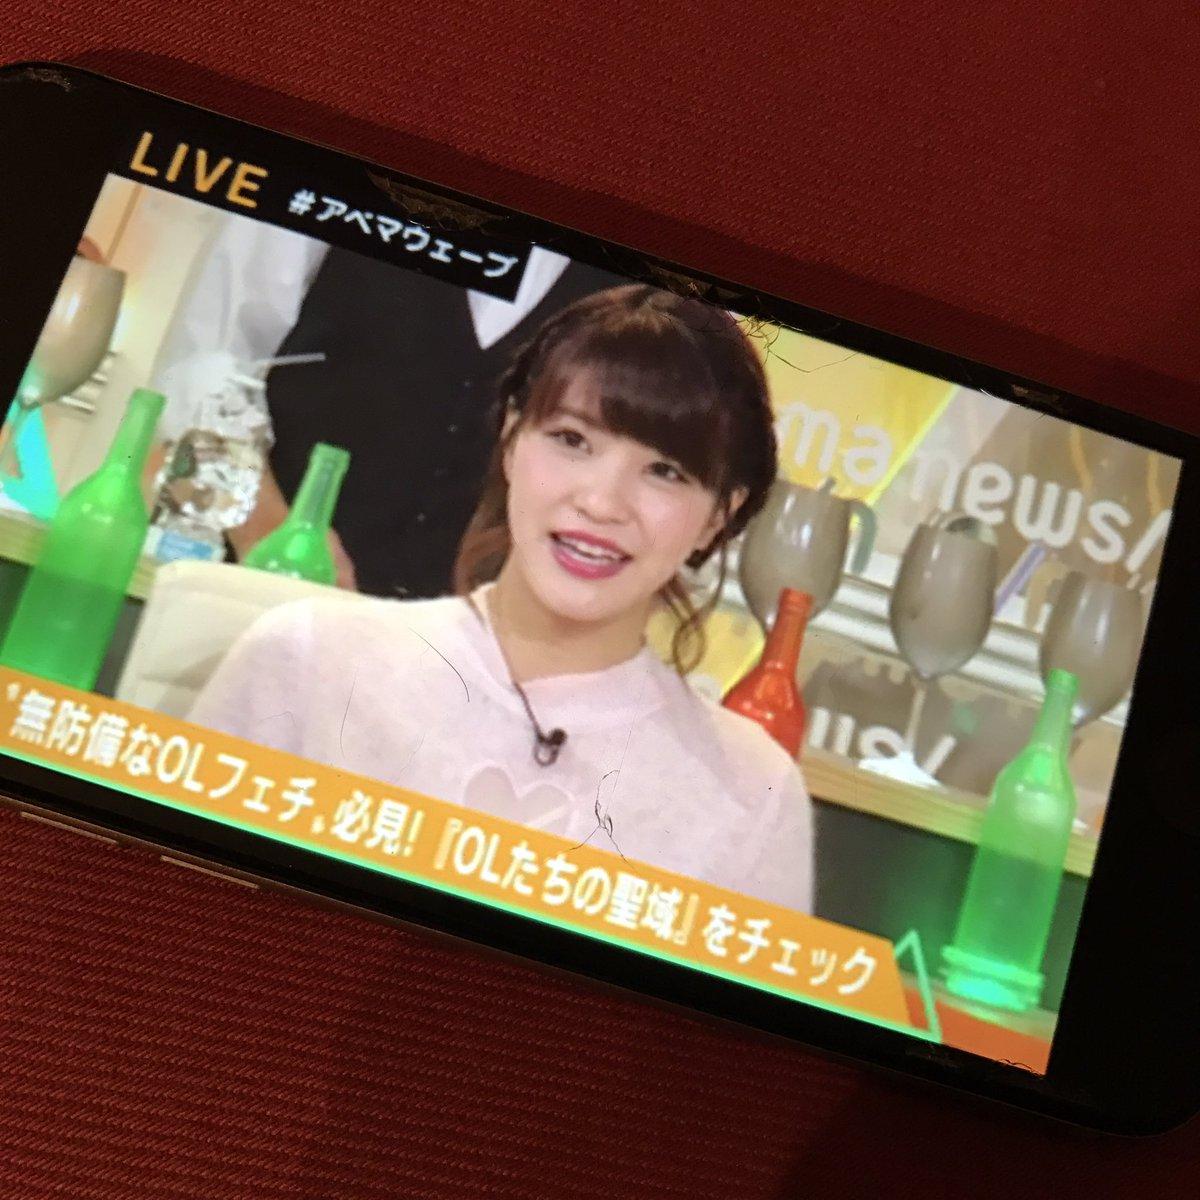 iPhone6でAbemaWaveサタデーナイト視聴なう(*´꒳`*)♡ 明日香ちゃん…♡ 東京Bazz spotの1コーナーで出演予定です!! #AbemaTV  #AbemaWaveサタデーナイト